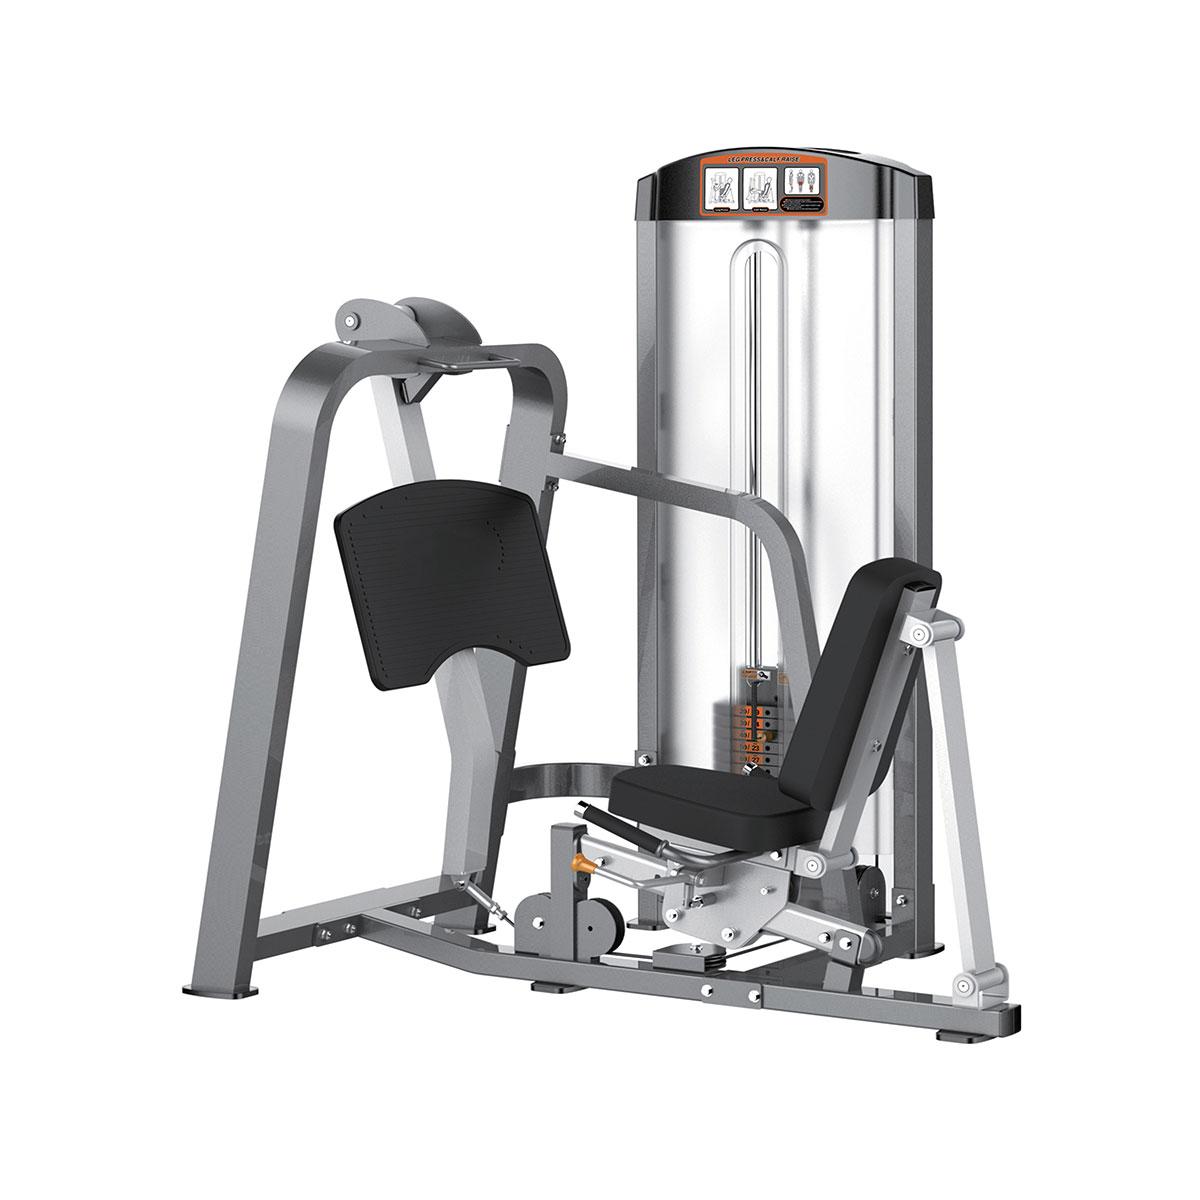 Leg Press / Calf Raise - 250 lbs